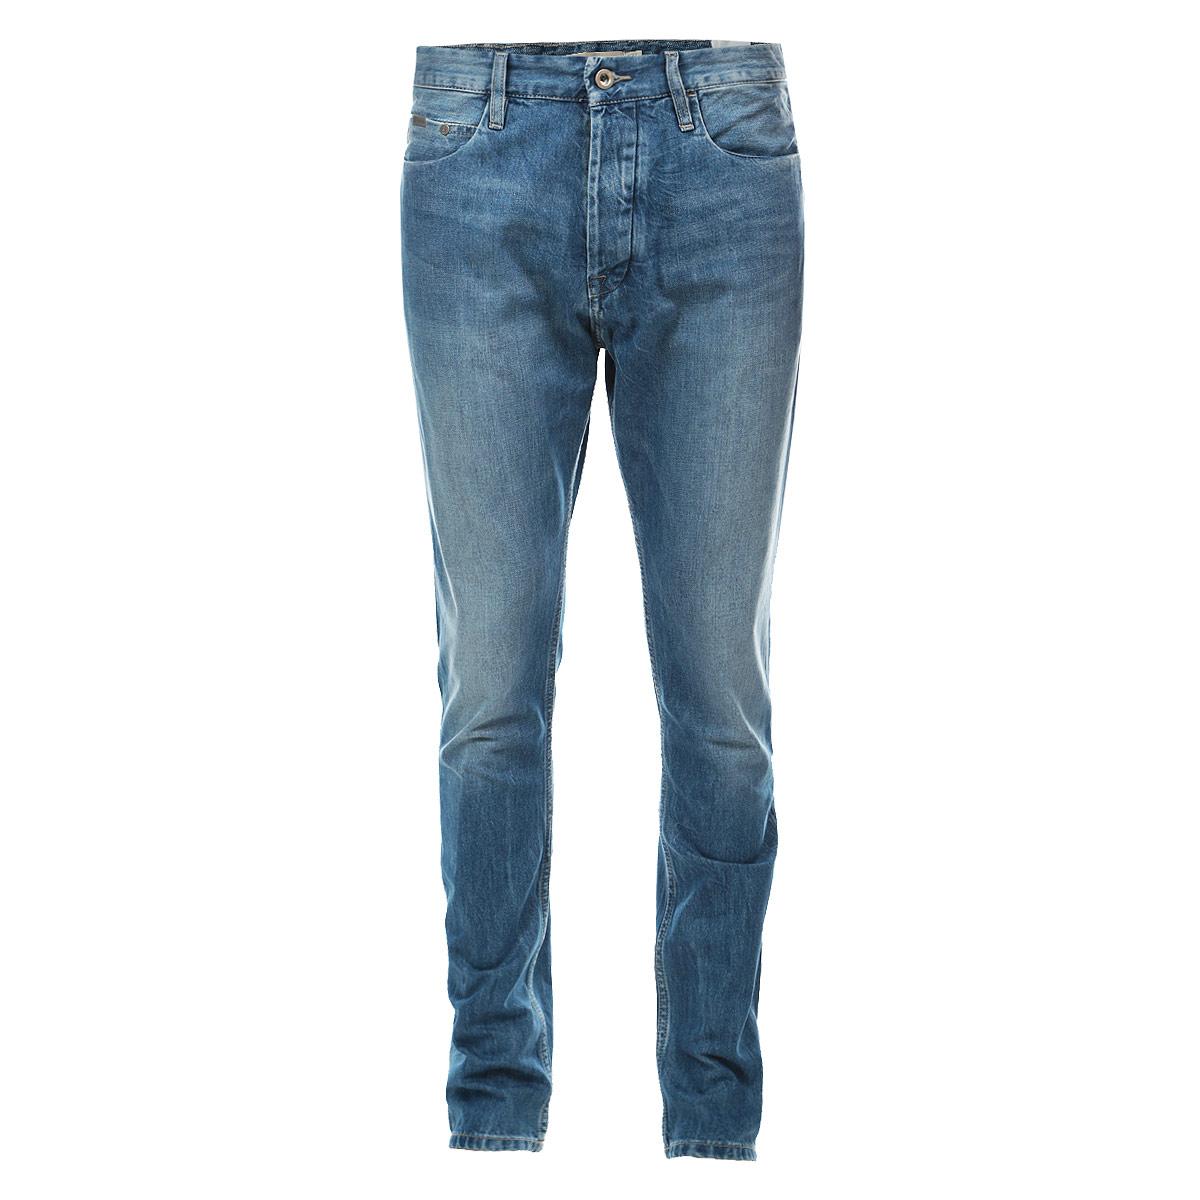 Джинсы мужские. J3IJ301701J3IJ301701Стильные мужские джинсы Calvin Klein Jeans - джинсы высочайшего качества на каждый день, которые прекрасно сидят. Модель зауженного к низу кроя и средней посадки изготовлена из высококачественного материала. Изделие оформлено тертым эффектом и перманентными складками. Застегиваются джинсы на пуговицу в поясе и ширинку на металлических пуговицах, имеются шлевки для ремня. Спереди модель оформлены двумя втачными карманами и одним небольшим секретным кармашком, а сзади - двумя накладными карманами. Эти модные и в тоже время комфортные джинсы послужат отличным дополнением к вашему гардеробу. В них вы всегда будете чувствовать себя уютно и комфортно.